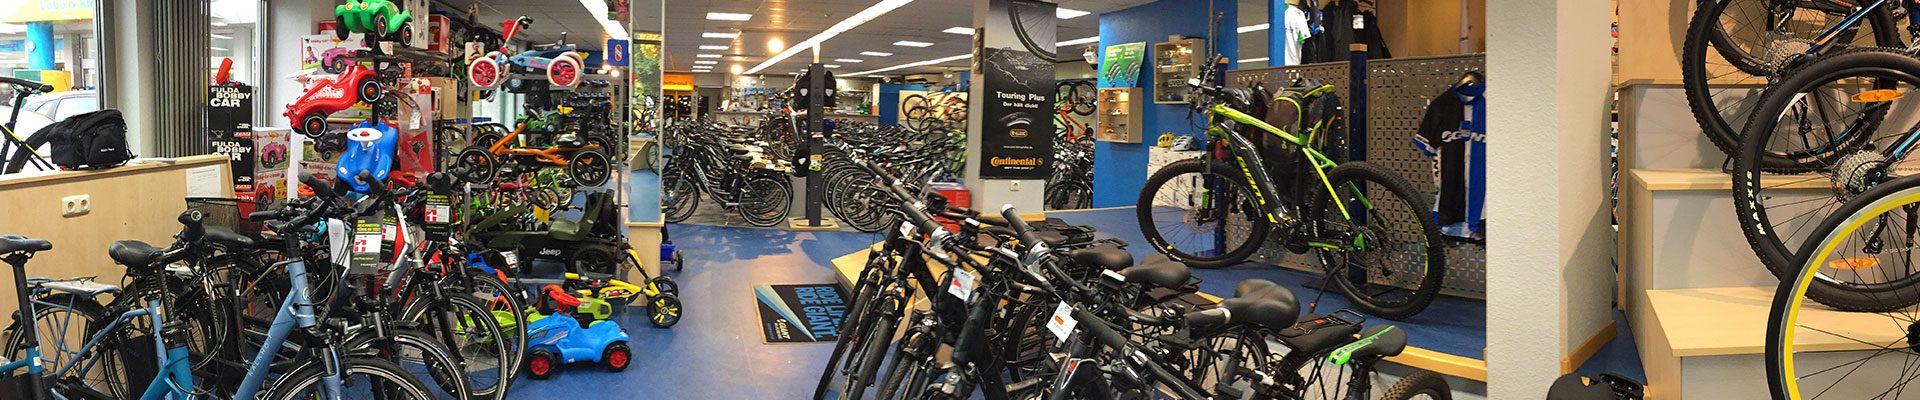 Fahrrad Fachhandel Nordhessen